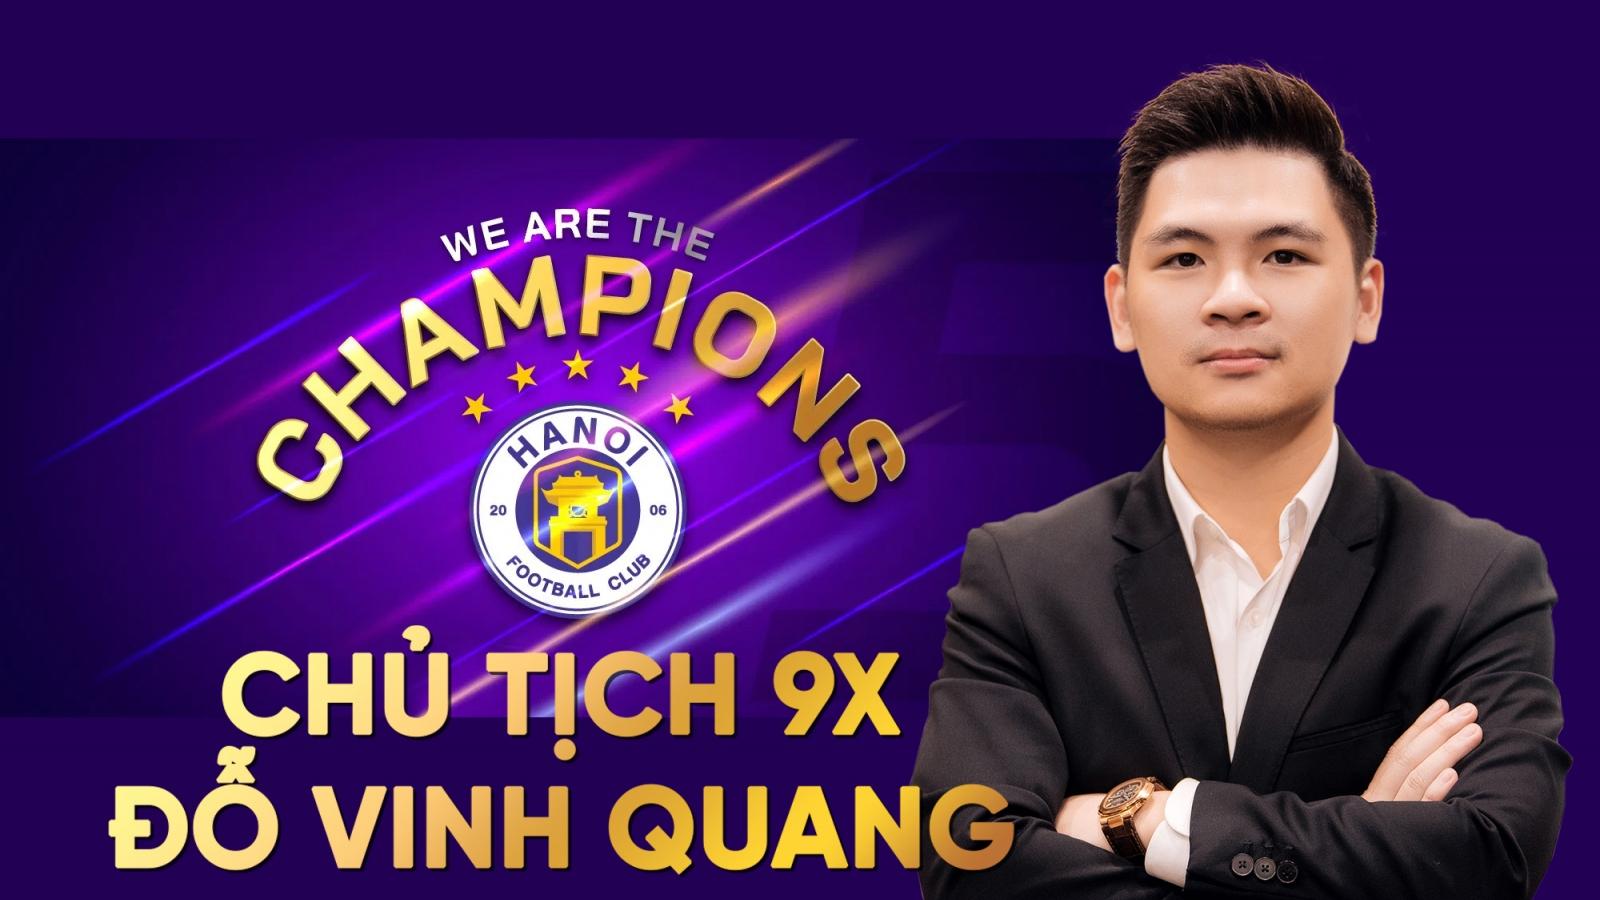 """Chủ tịch 9X - Đỗ Vinh Quang và mục tiêu đưa  Hà Nội FC """"hóa rồng"""" châu Á"""